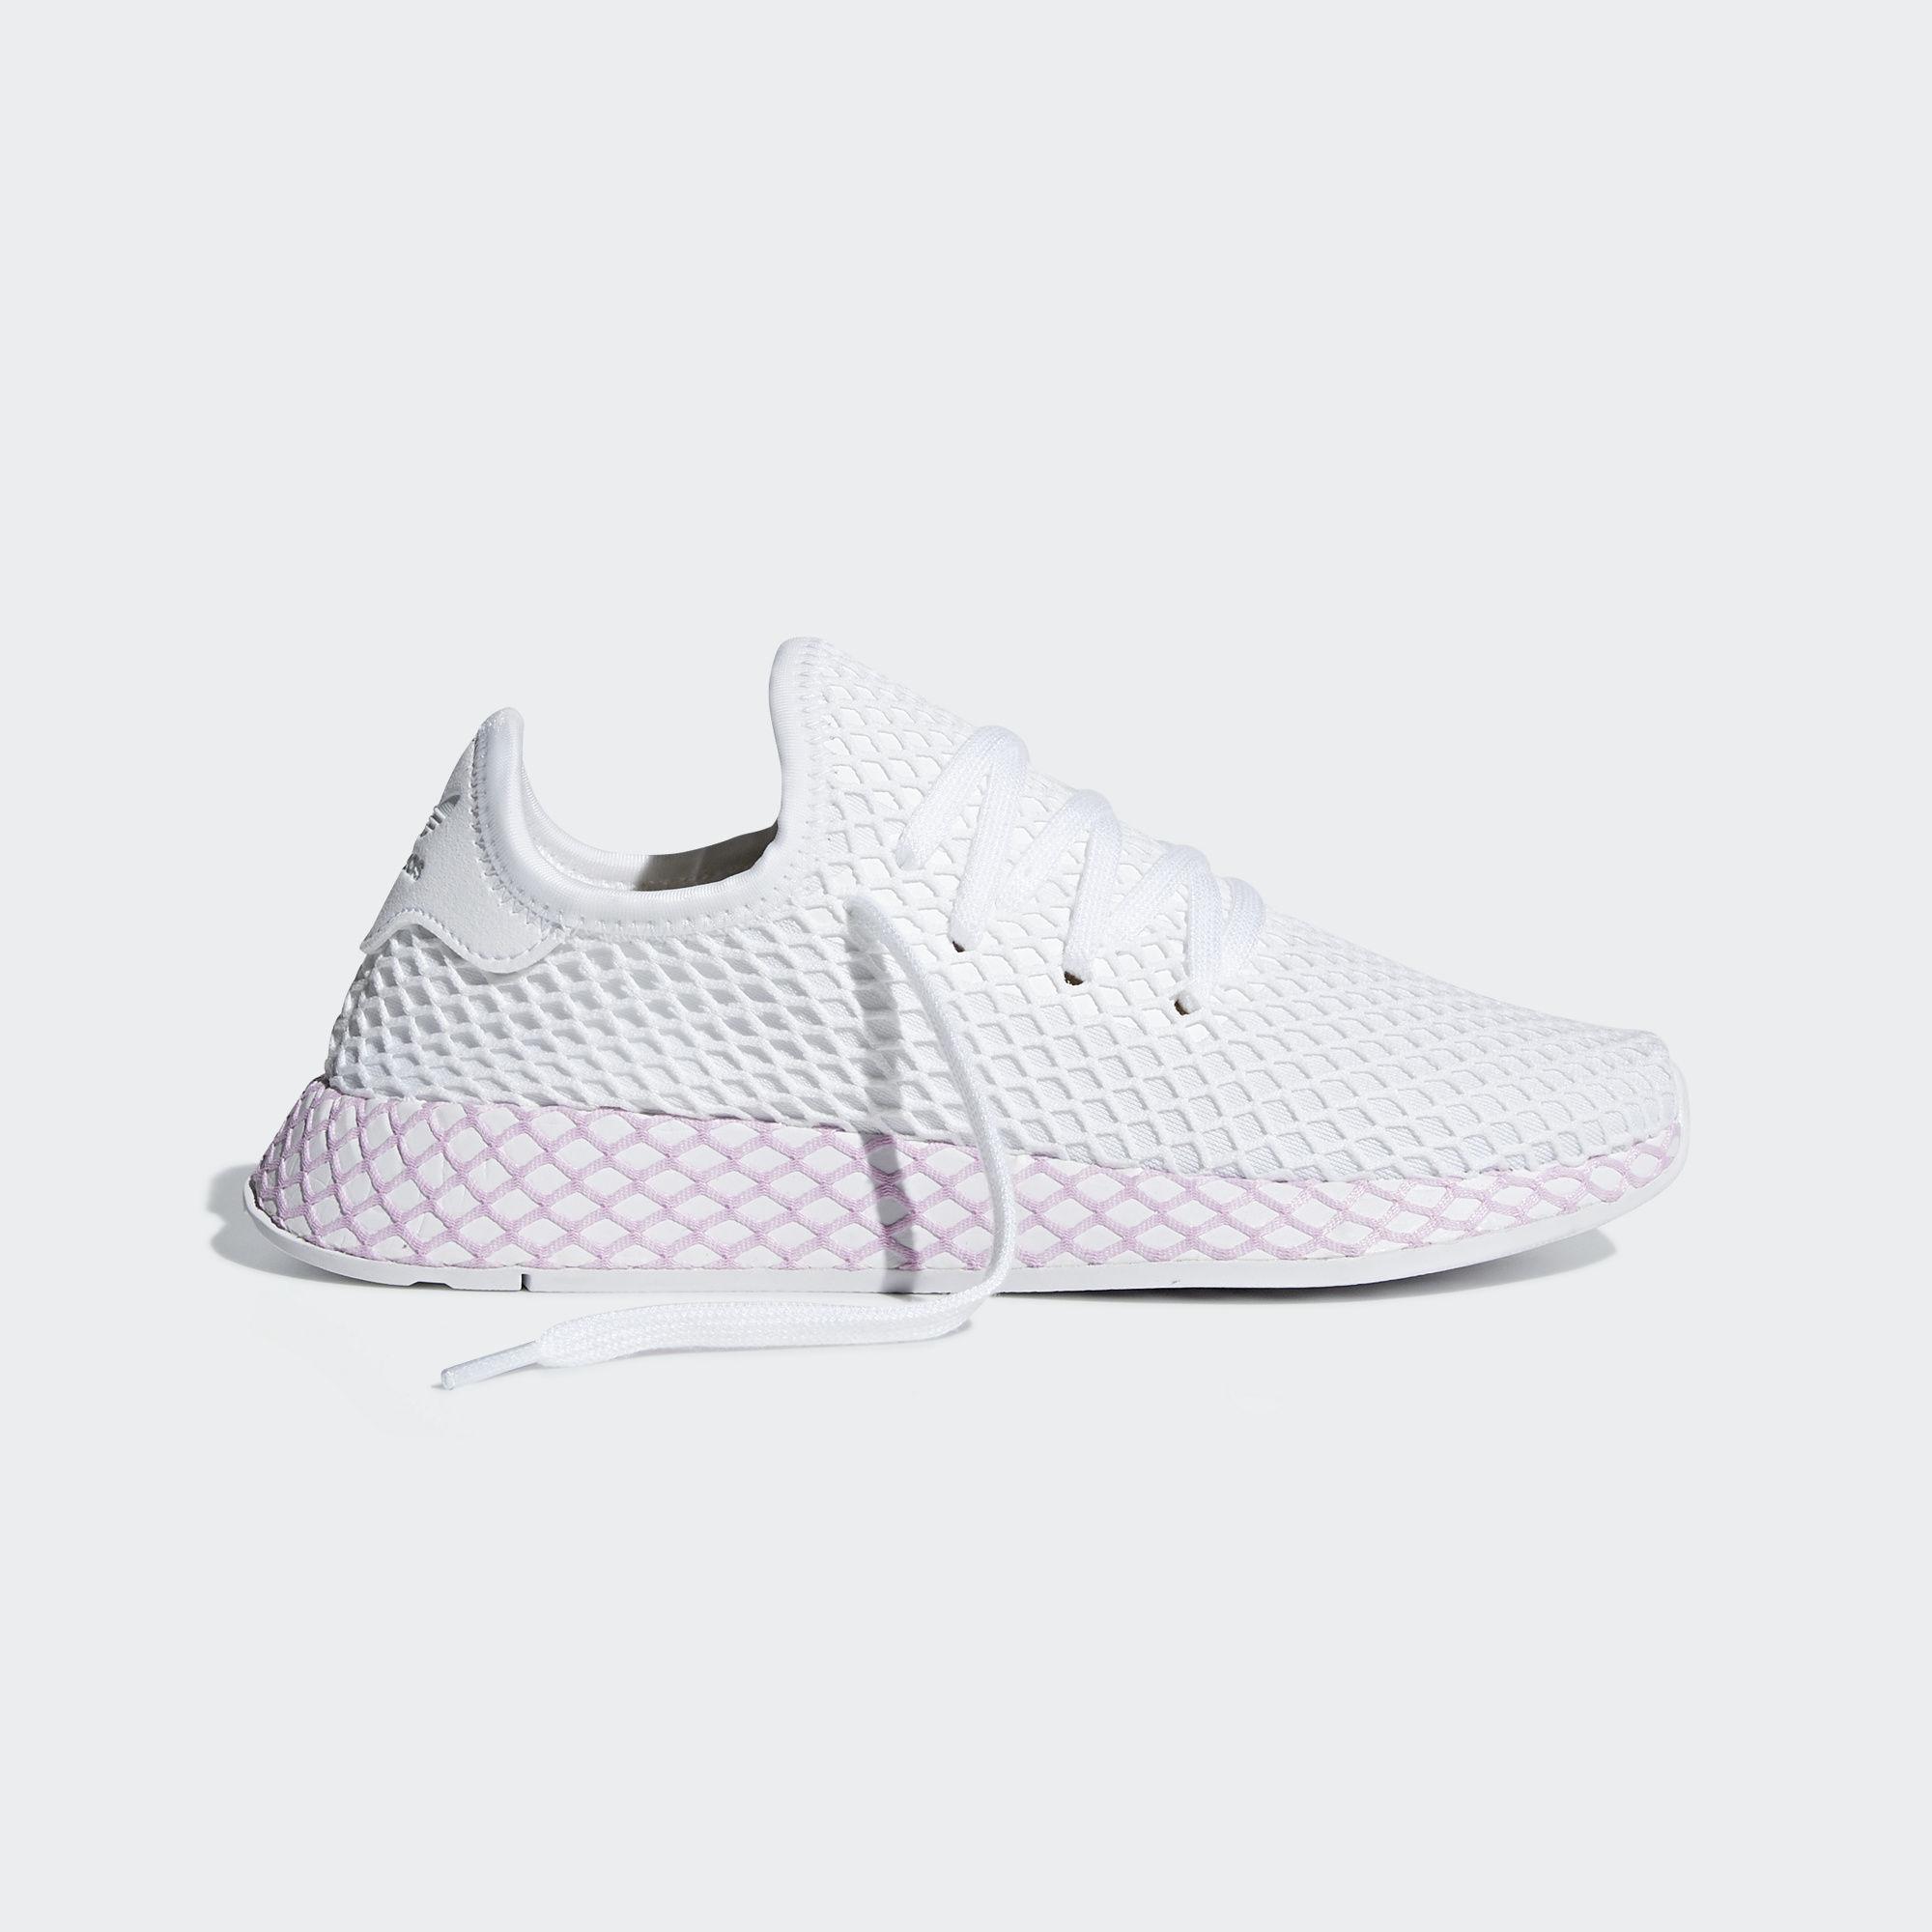 Adidas Deerupt Runner B37601